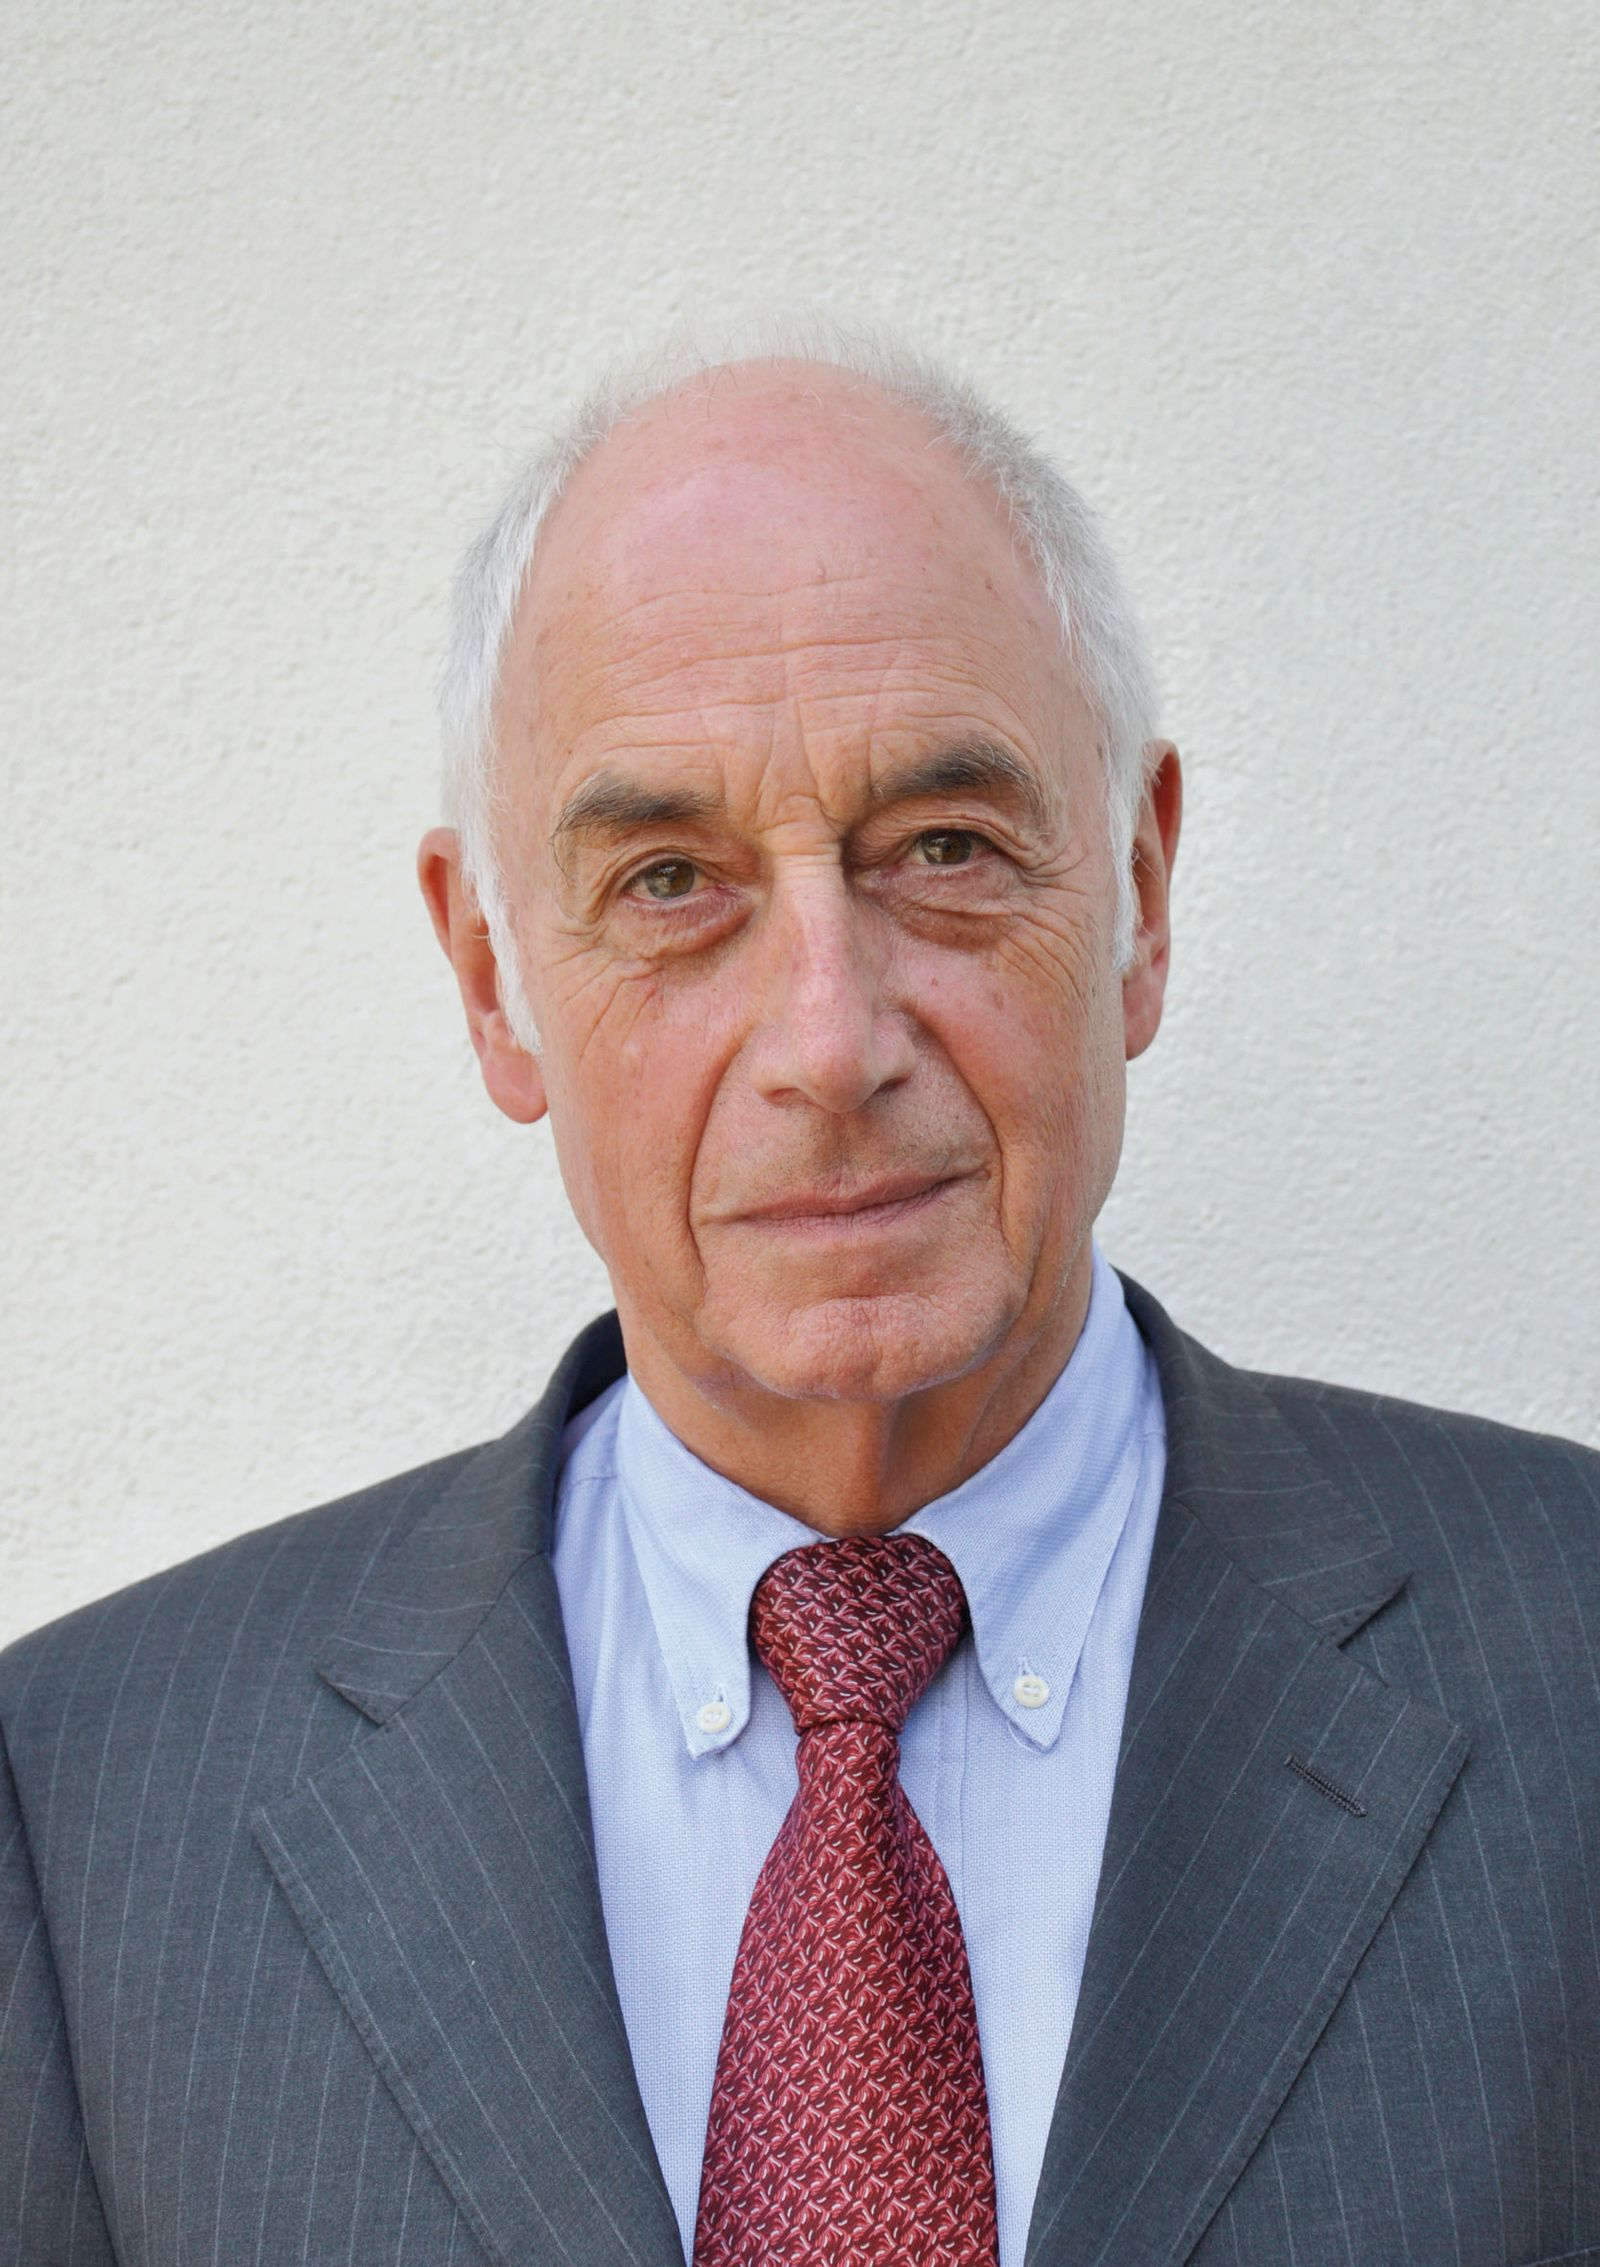 Prof. Gramke; INEA (Institute for European Affairs)